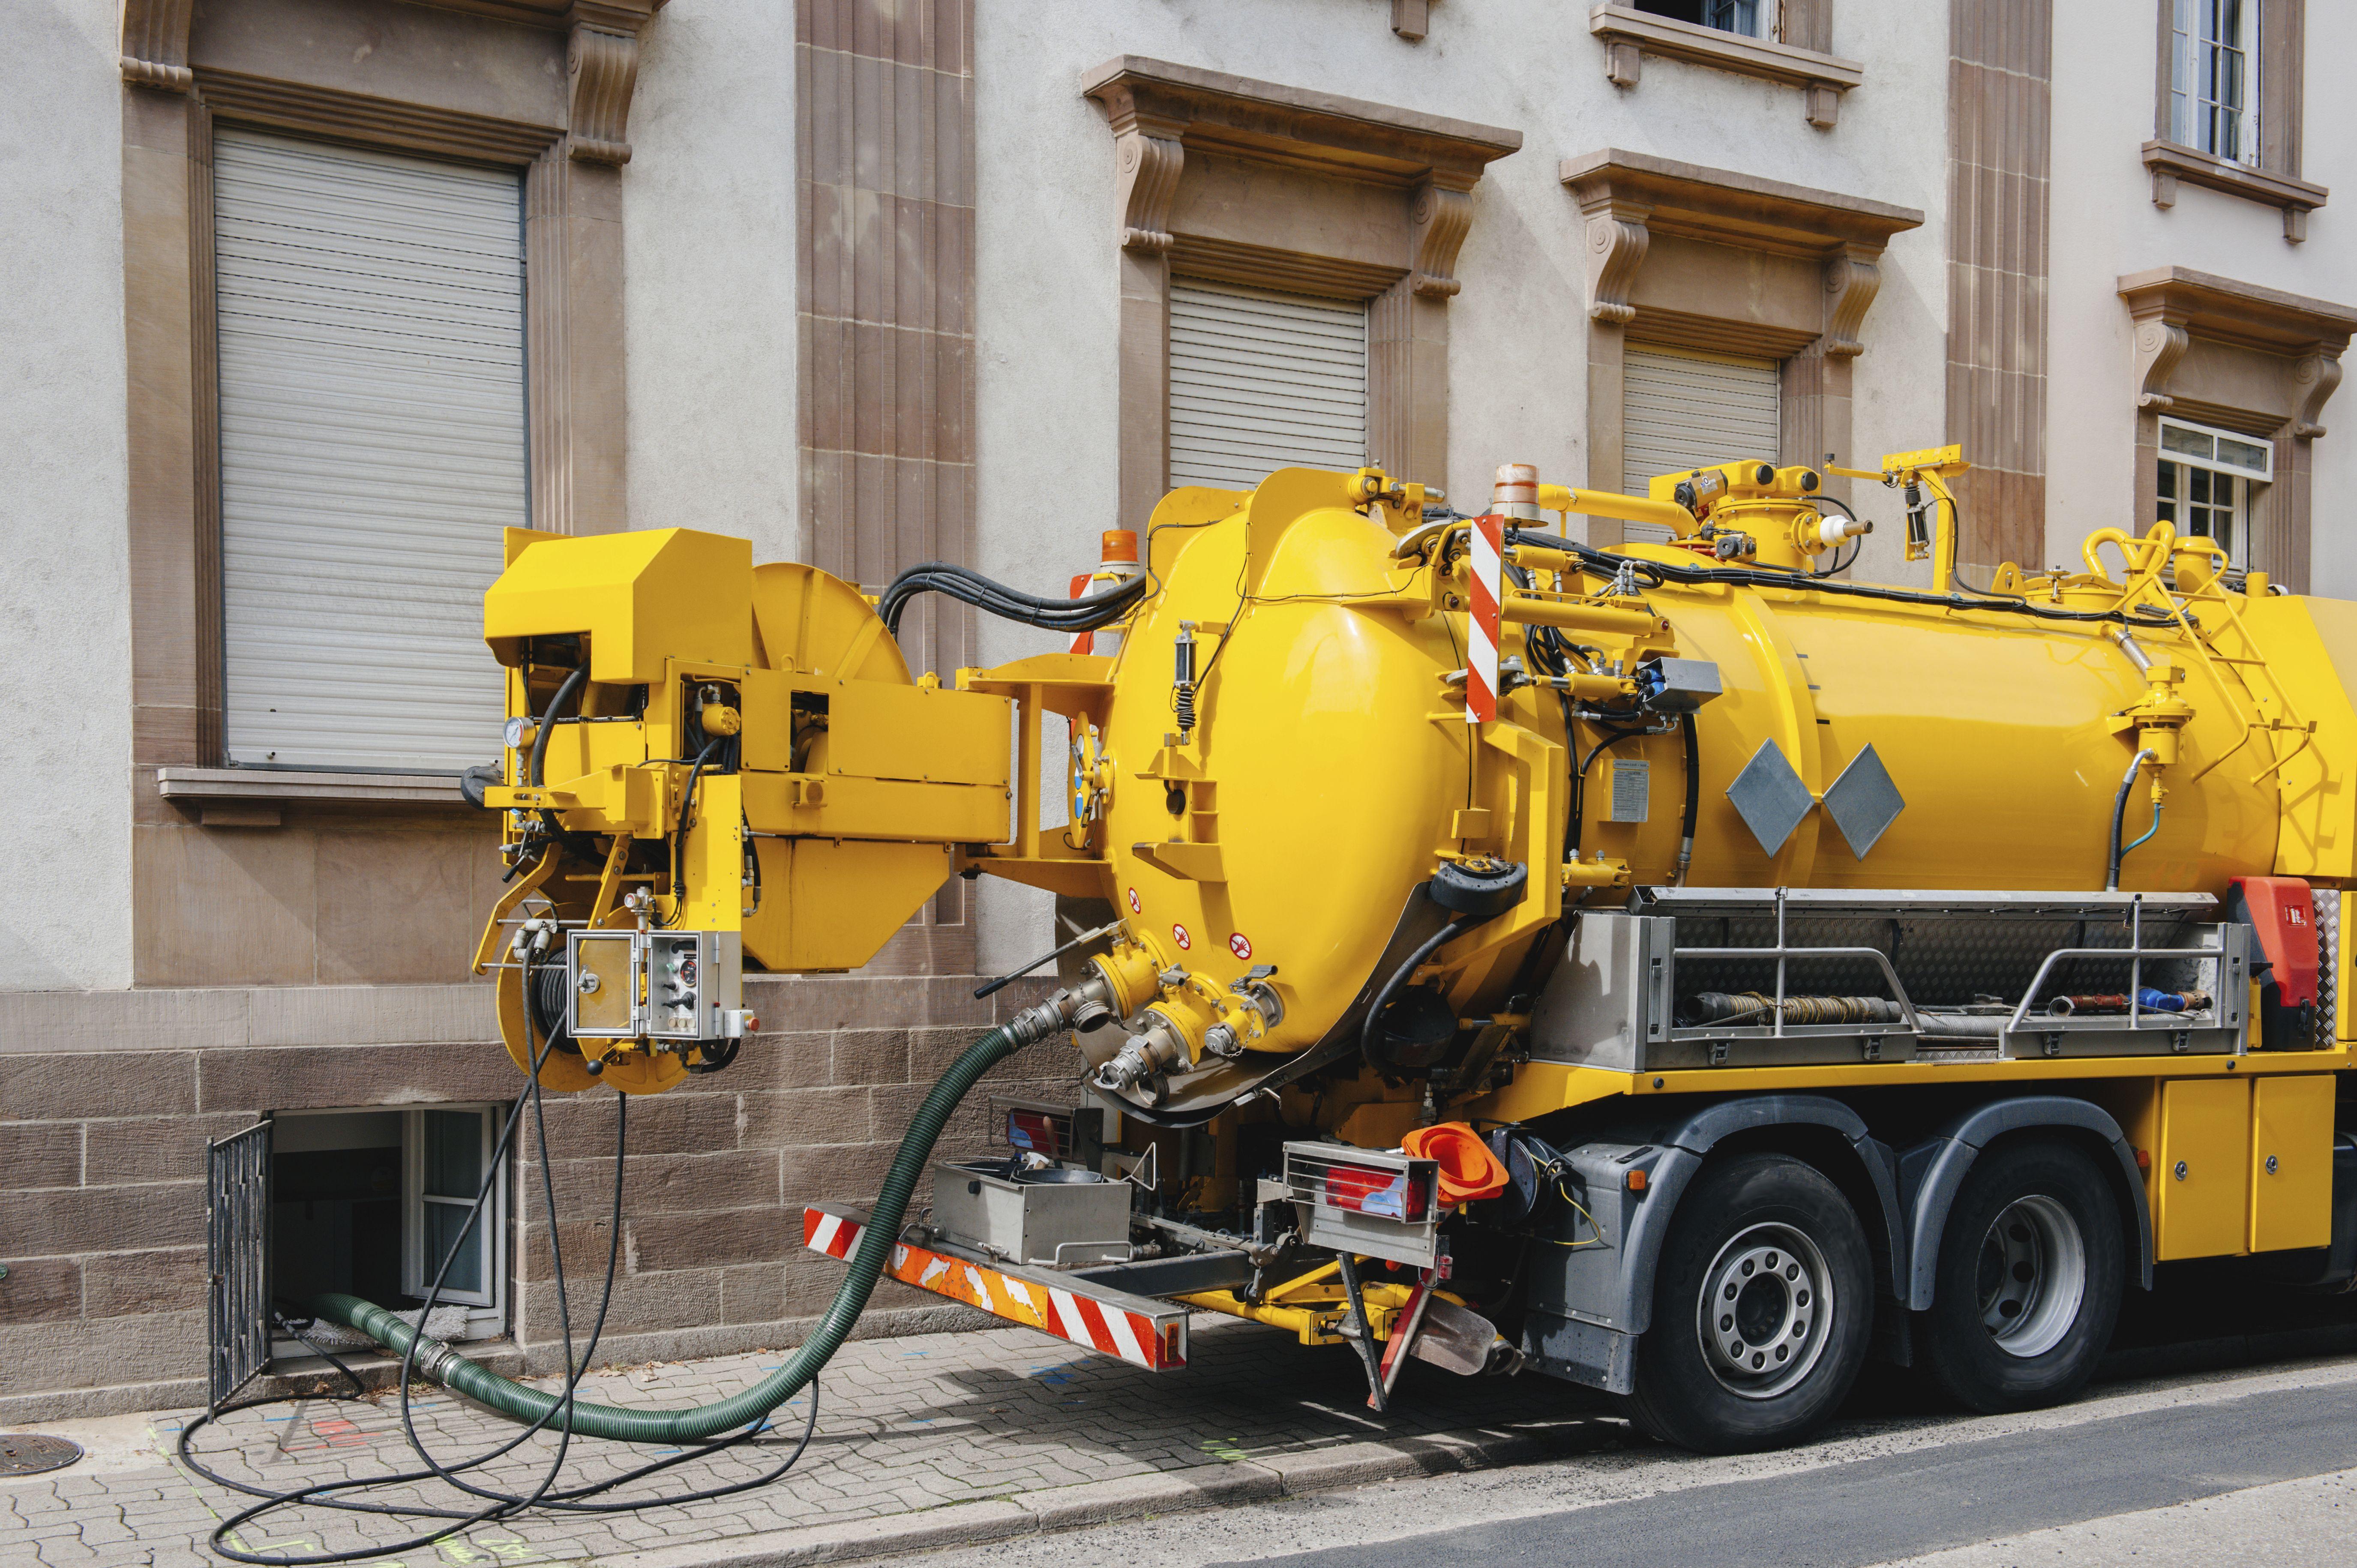 Contratos de mantenimiento: Nuestros Servicios de R. Ochaita Desatrancos e Inspecciones